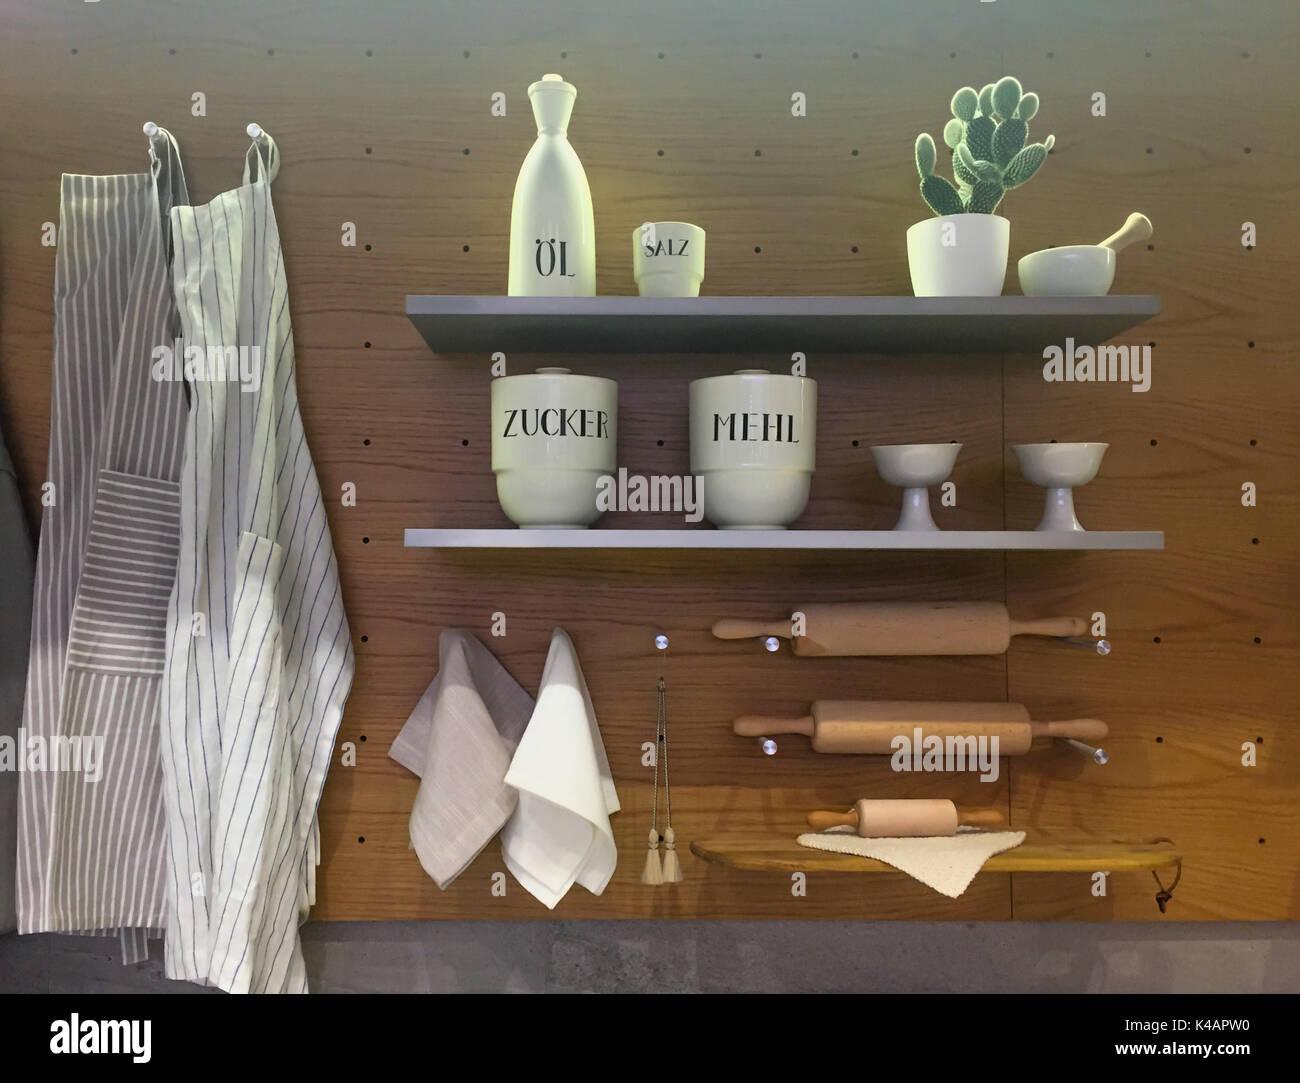 Des Ustensiles De Cuisine Sur La Tablette Et Le Mur L Interieur